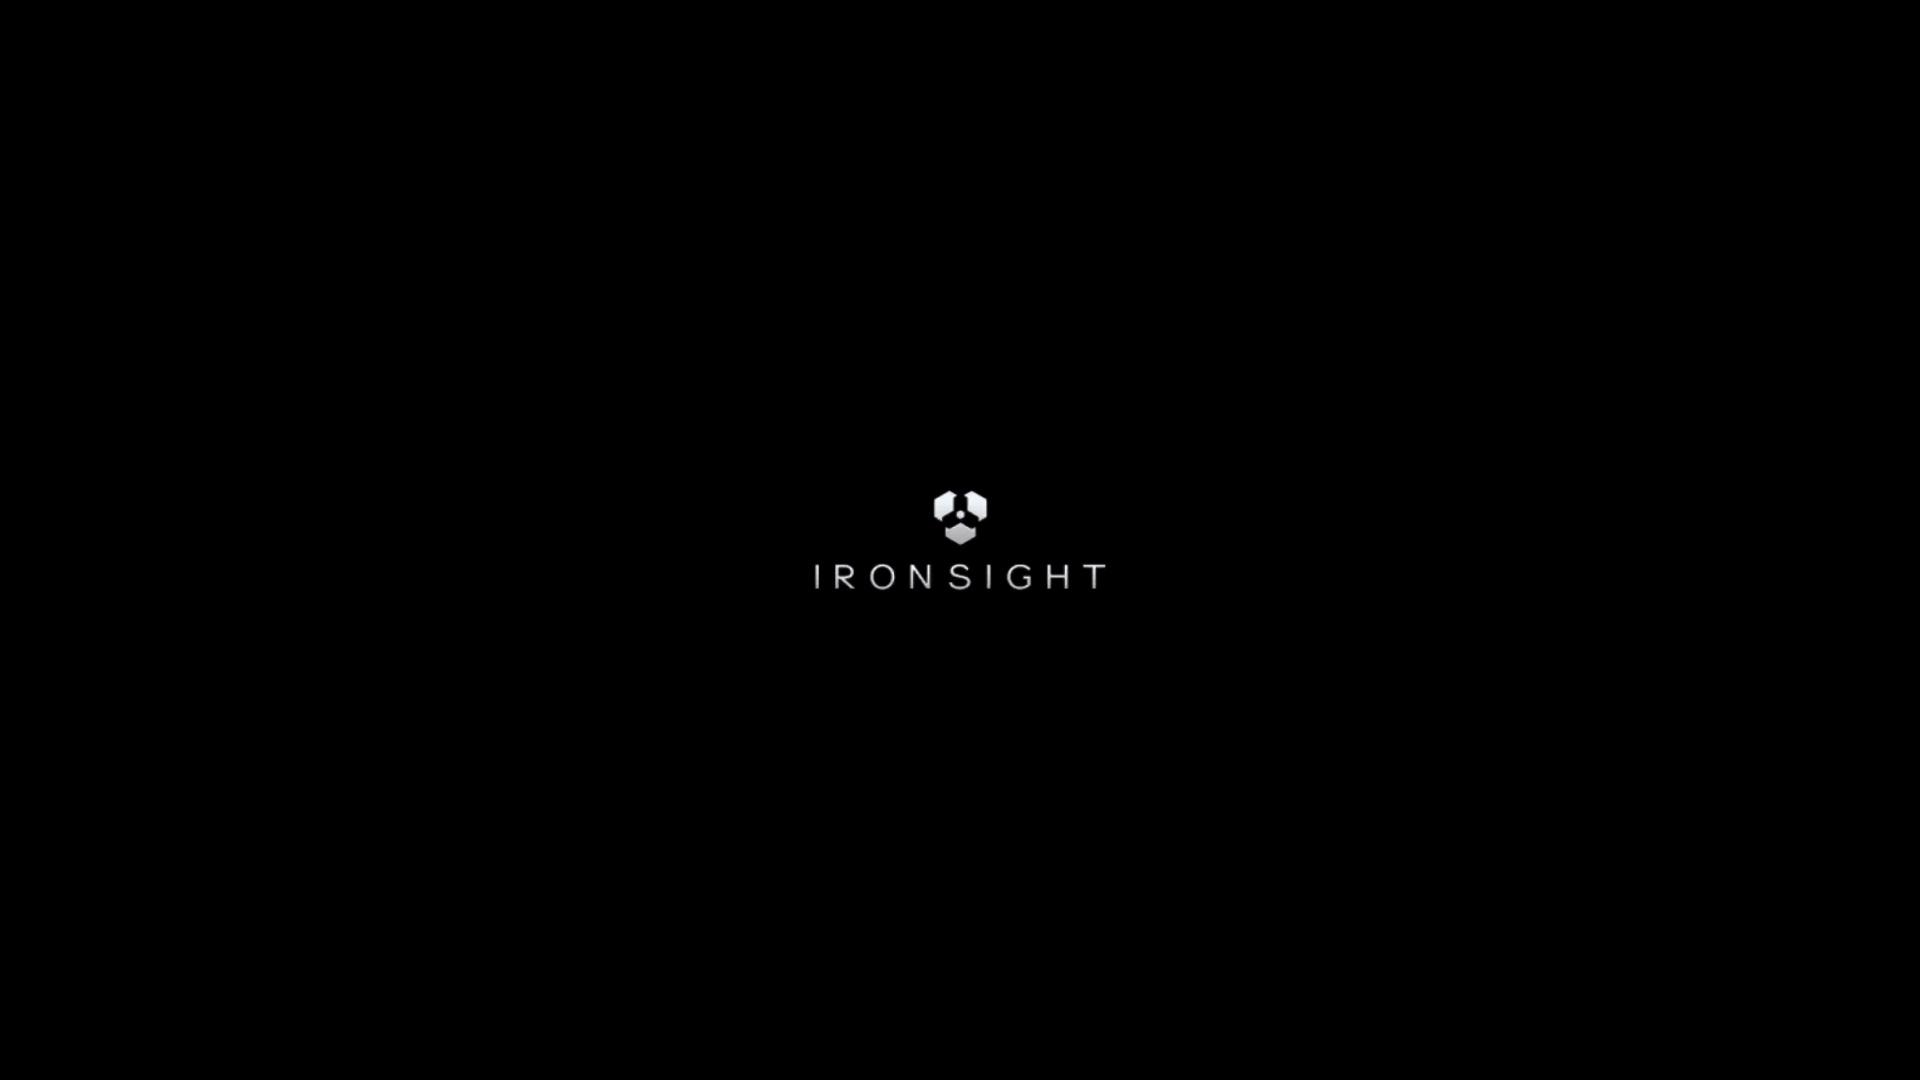 iron_sight 2016-06-18 17-31-05-184.jpg